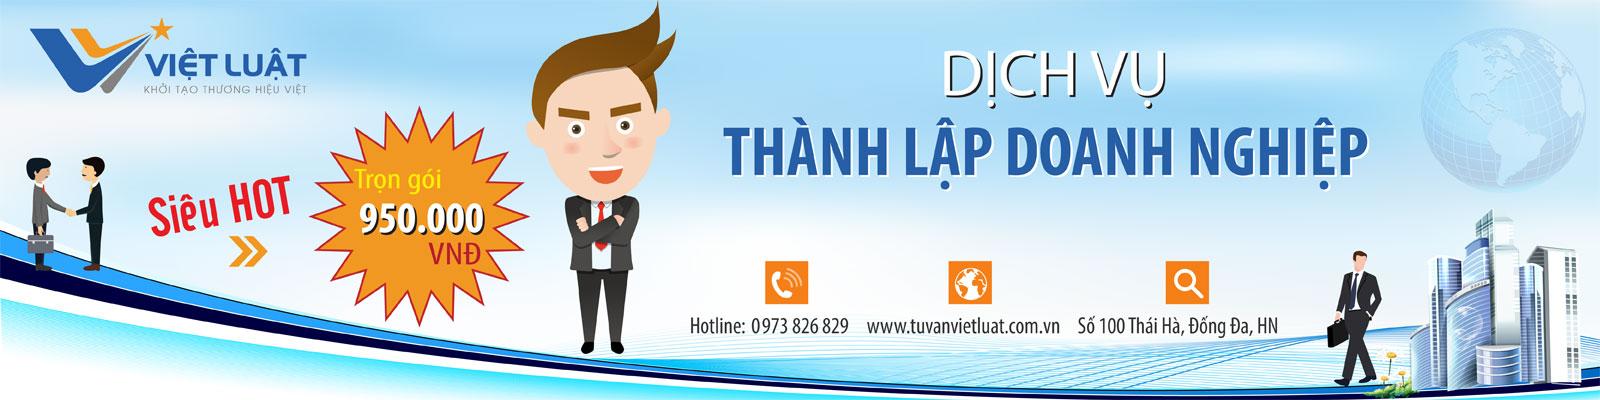 Banner dịch vụ thành lập doanh nghiệp Việt Luật